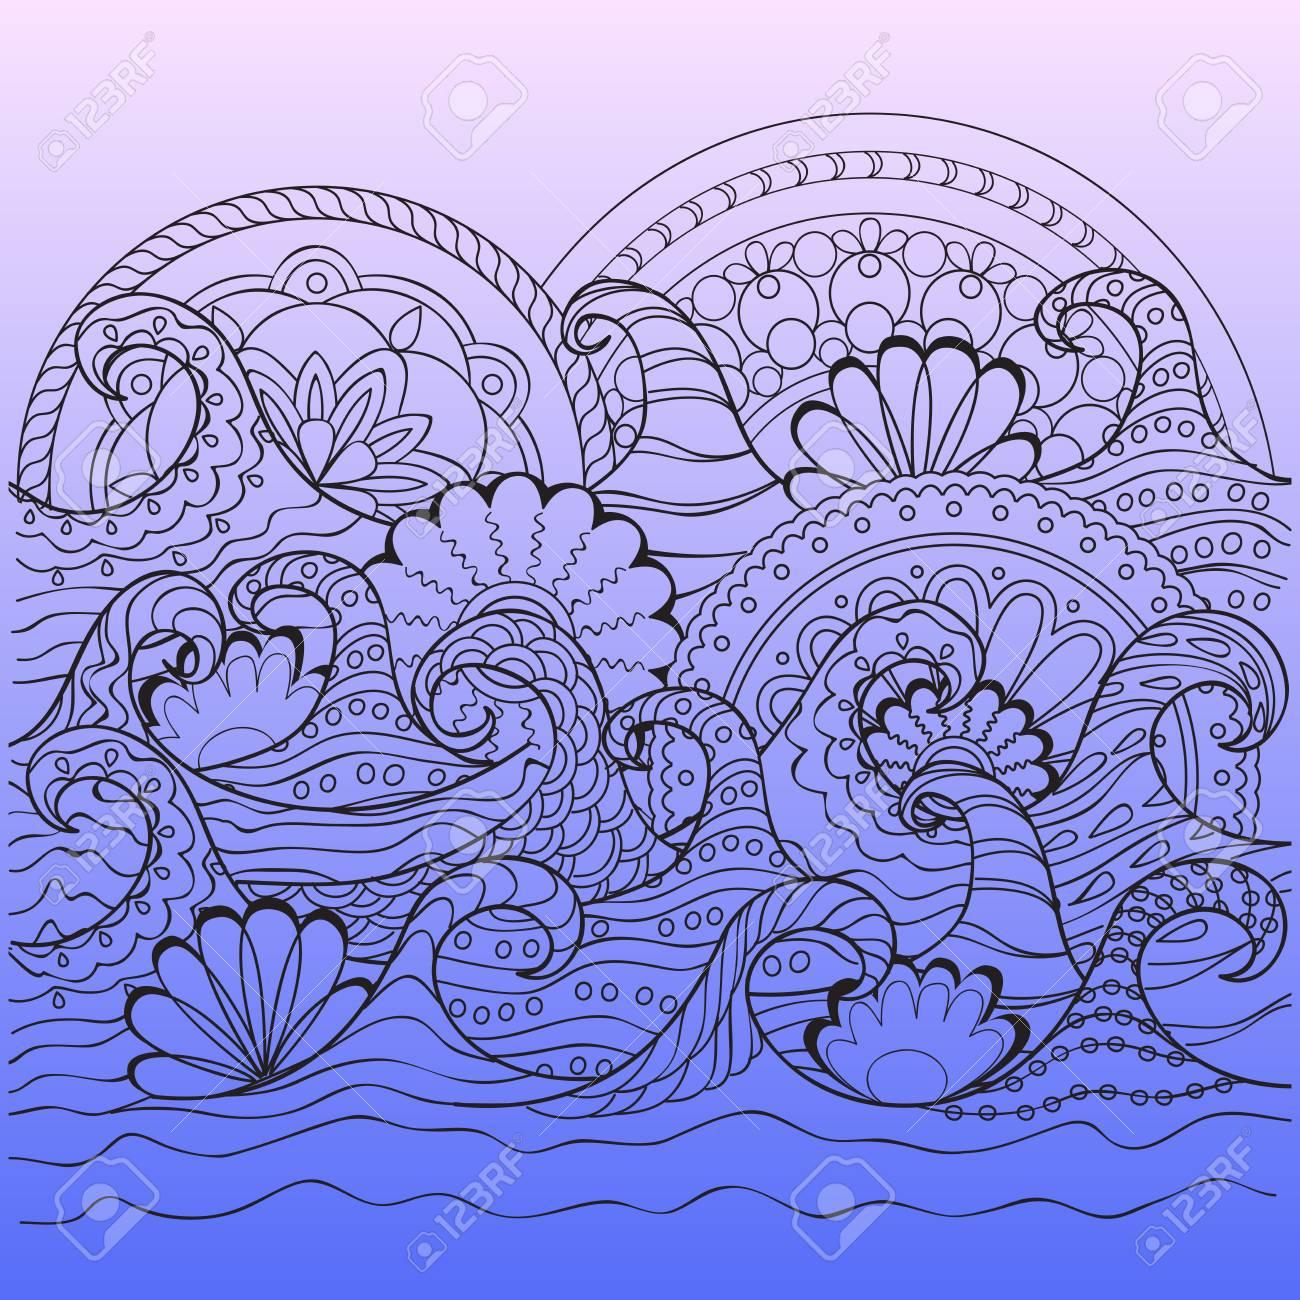 Imprimer Avec Des Vagues Décorées À La Main Et Des Mandalas Dans Le Style  Zen Pour L'art De La Maison, Décorer Le Mur, Carte De Visite, Livre,  Cahier, pour Image Zen A Imprimer